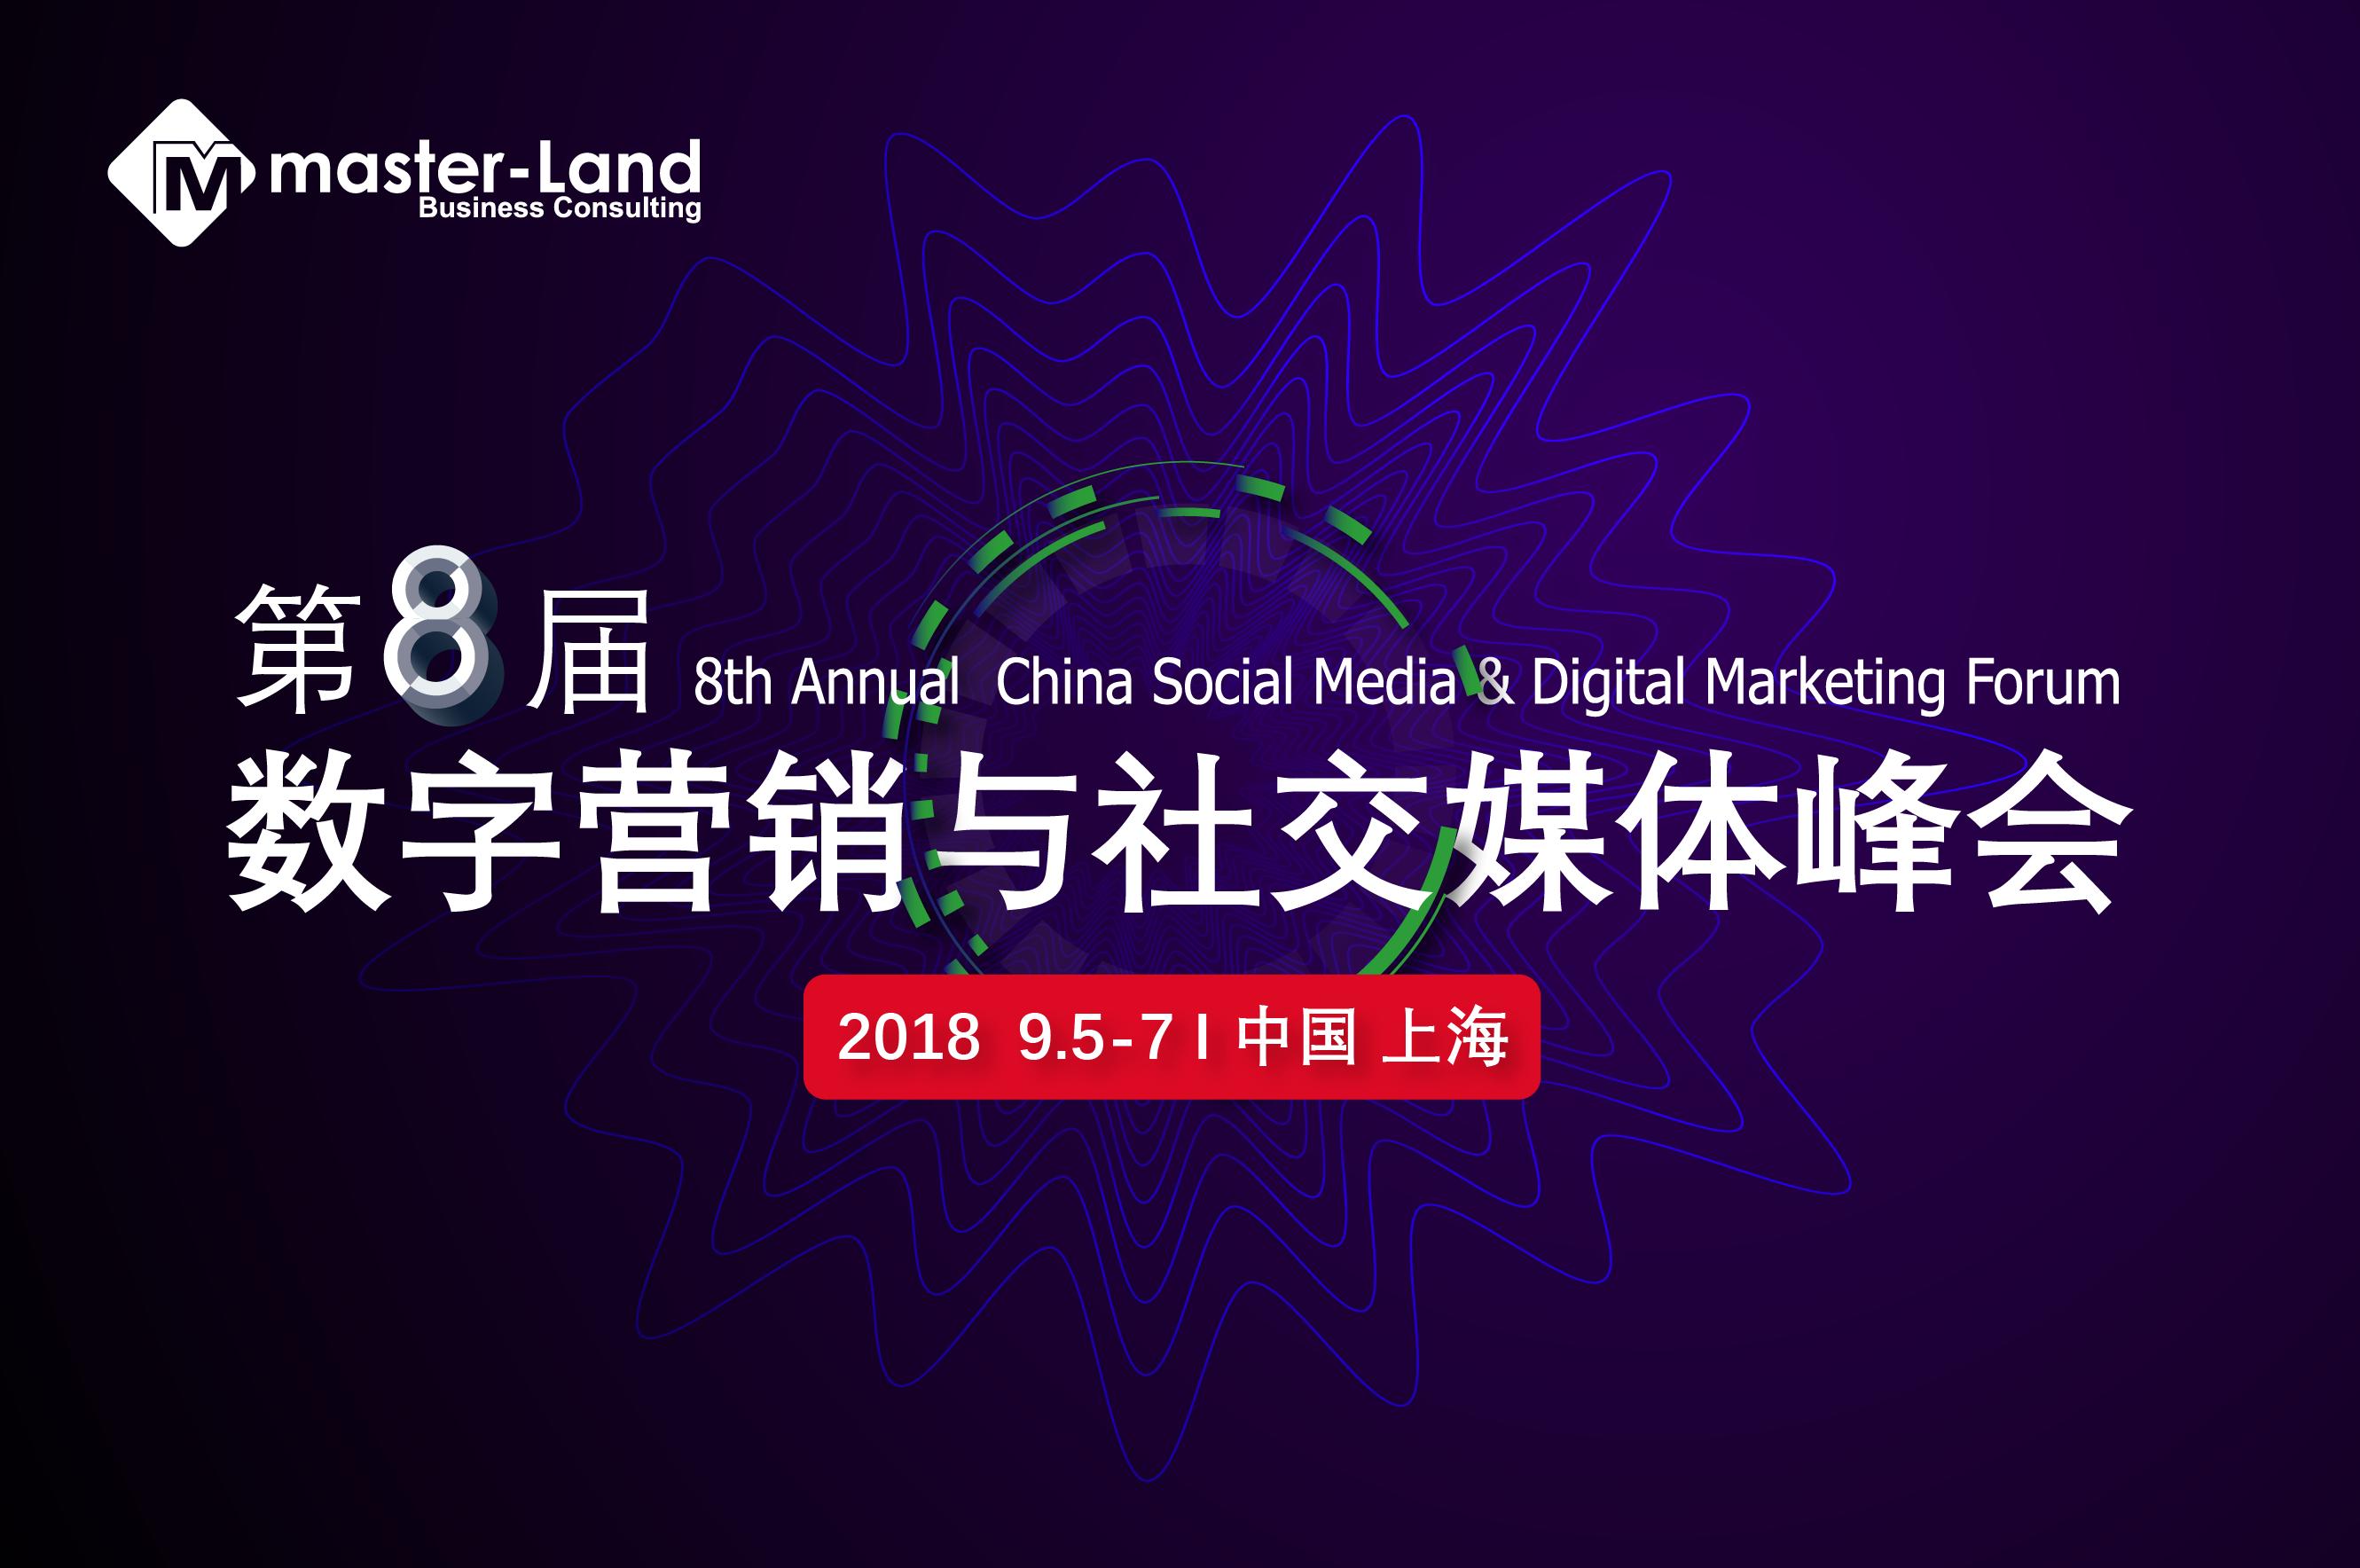 第八届数字营销与社交媒体峰会将举办